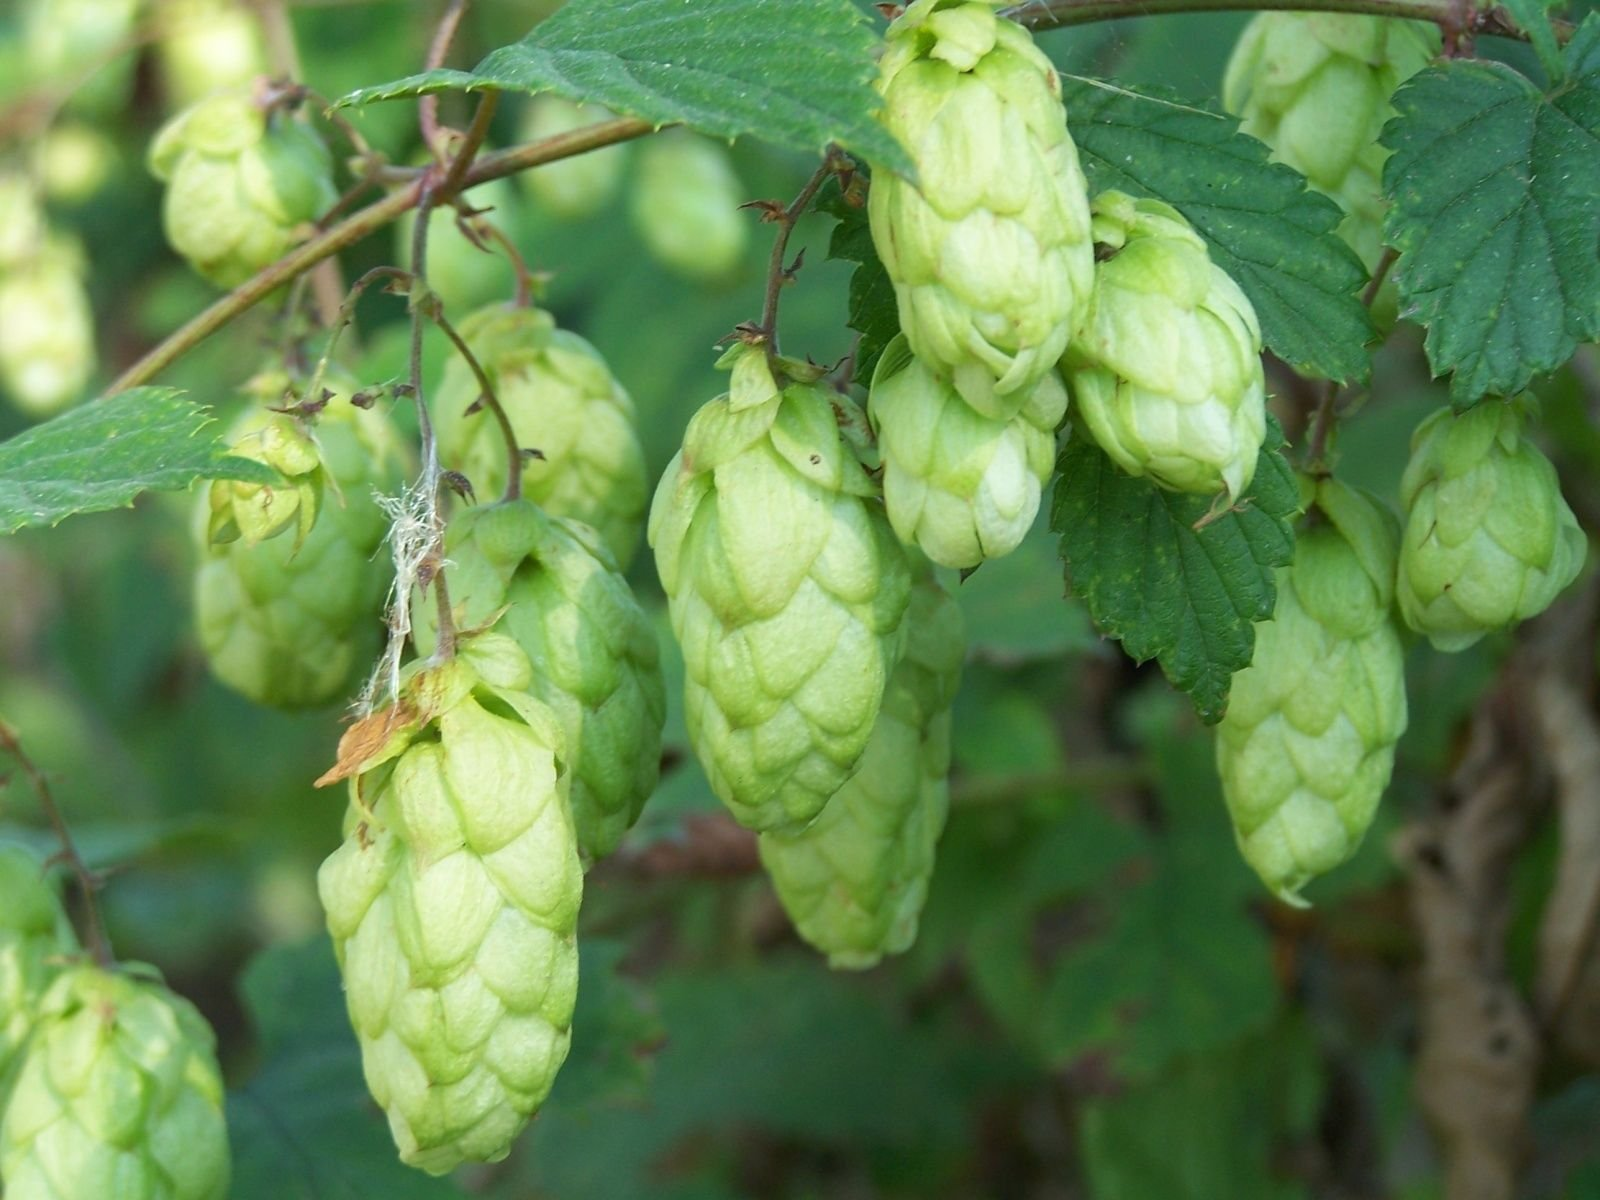 TkPlus1 1440 Seeds Humulus lupulus, Perennial Vine Seeds